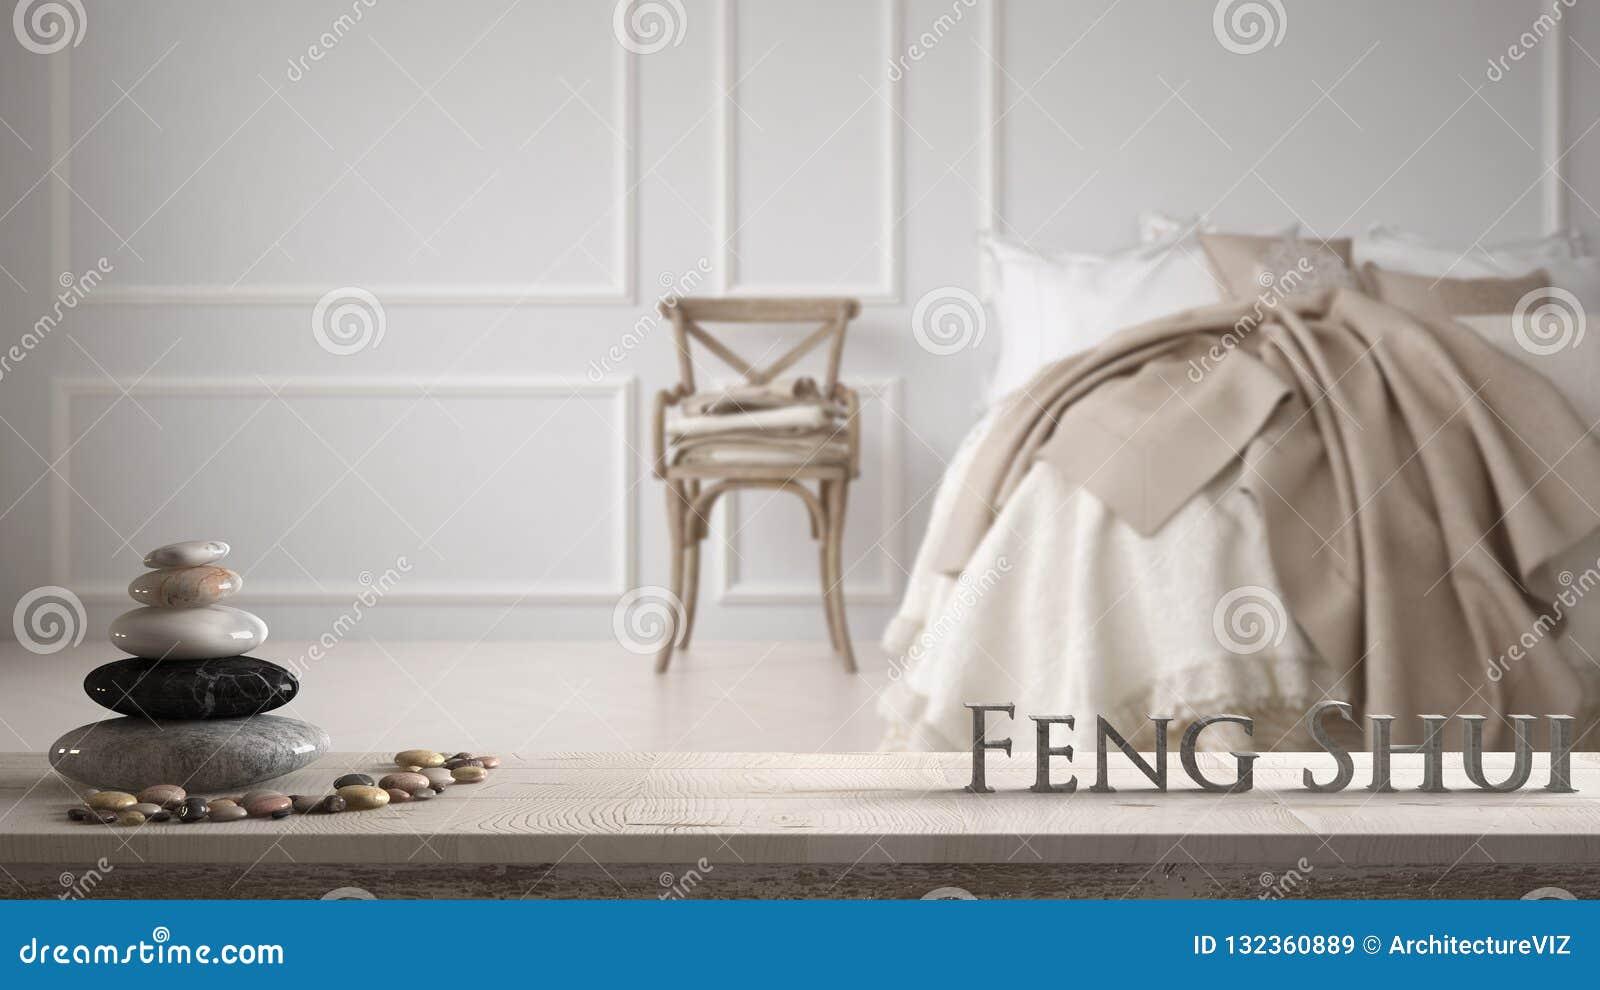 Vit tabellhylla med kiselstenjämvikt och bokstäver som 3d gör ordfengshuien över klassiskt sovrum för evintage med mjuk säng full